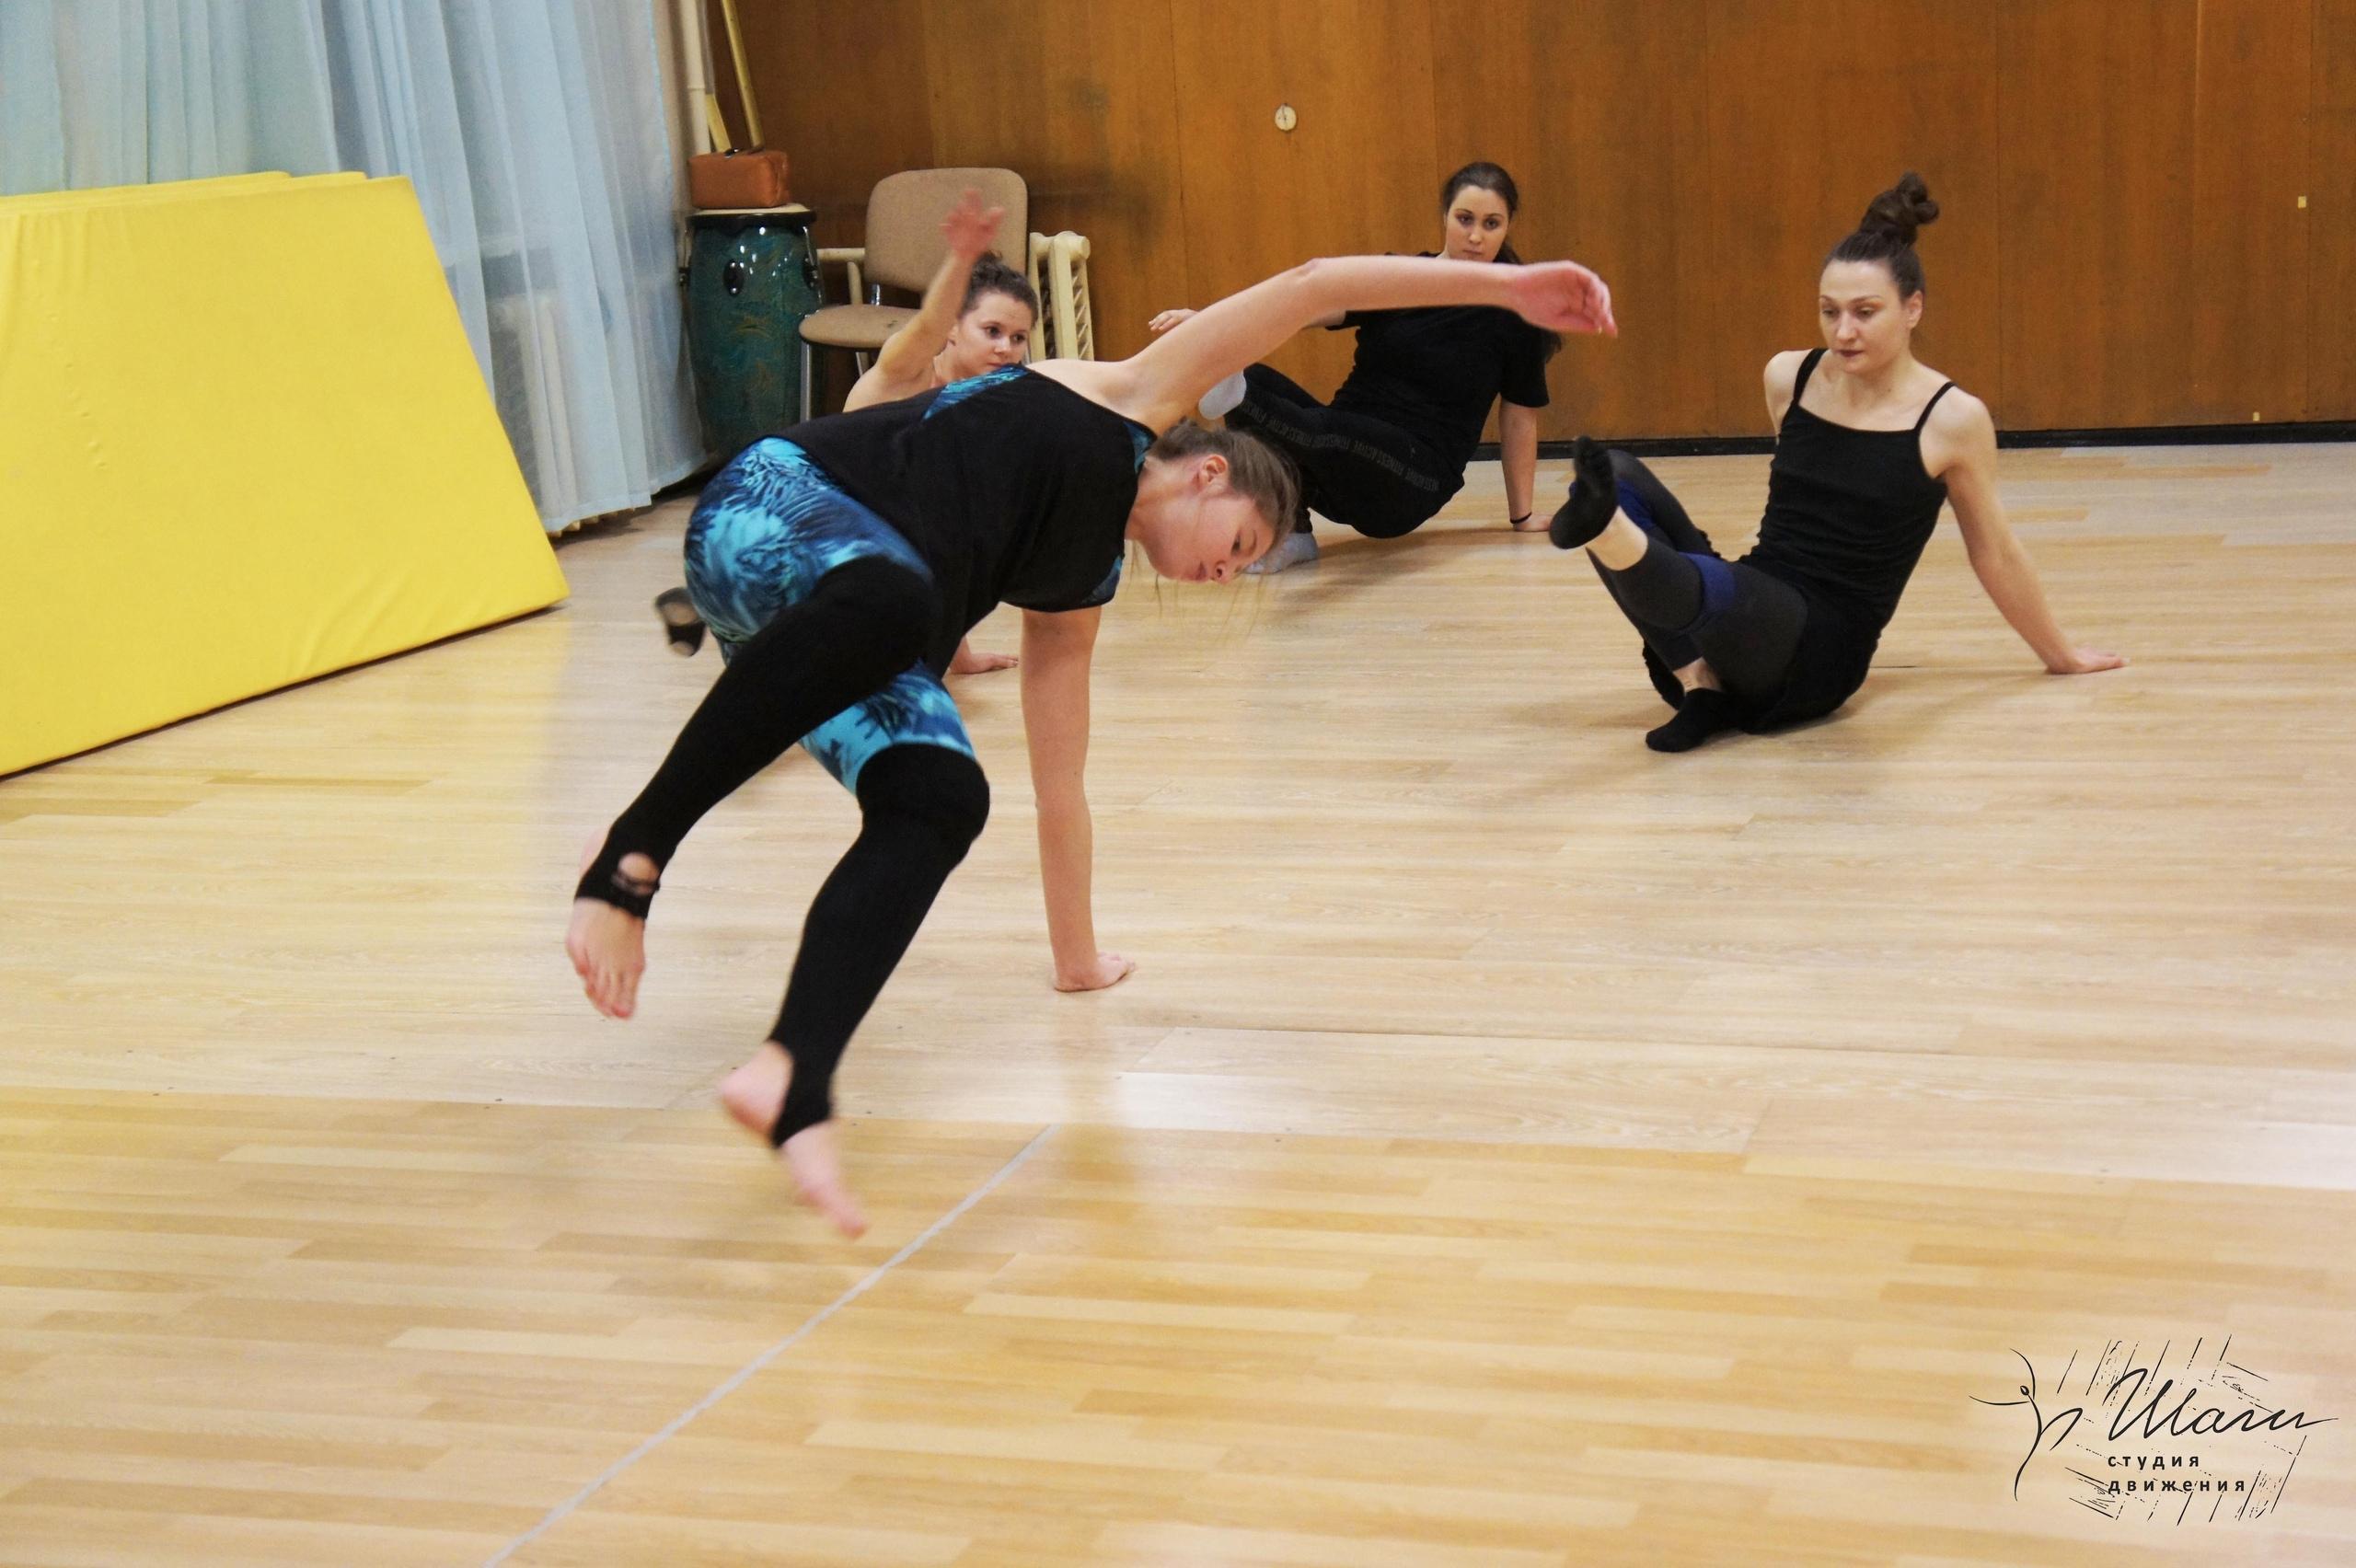 Танец это не просто движения тела, но и движения разума.